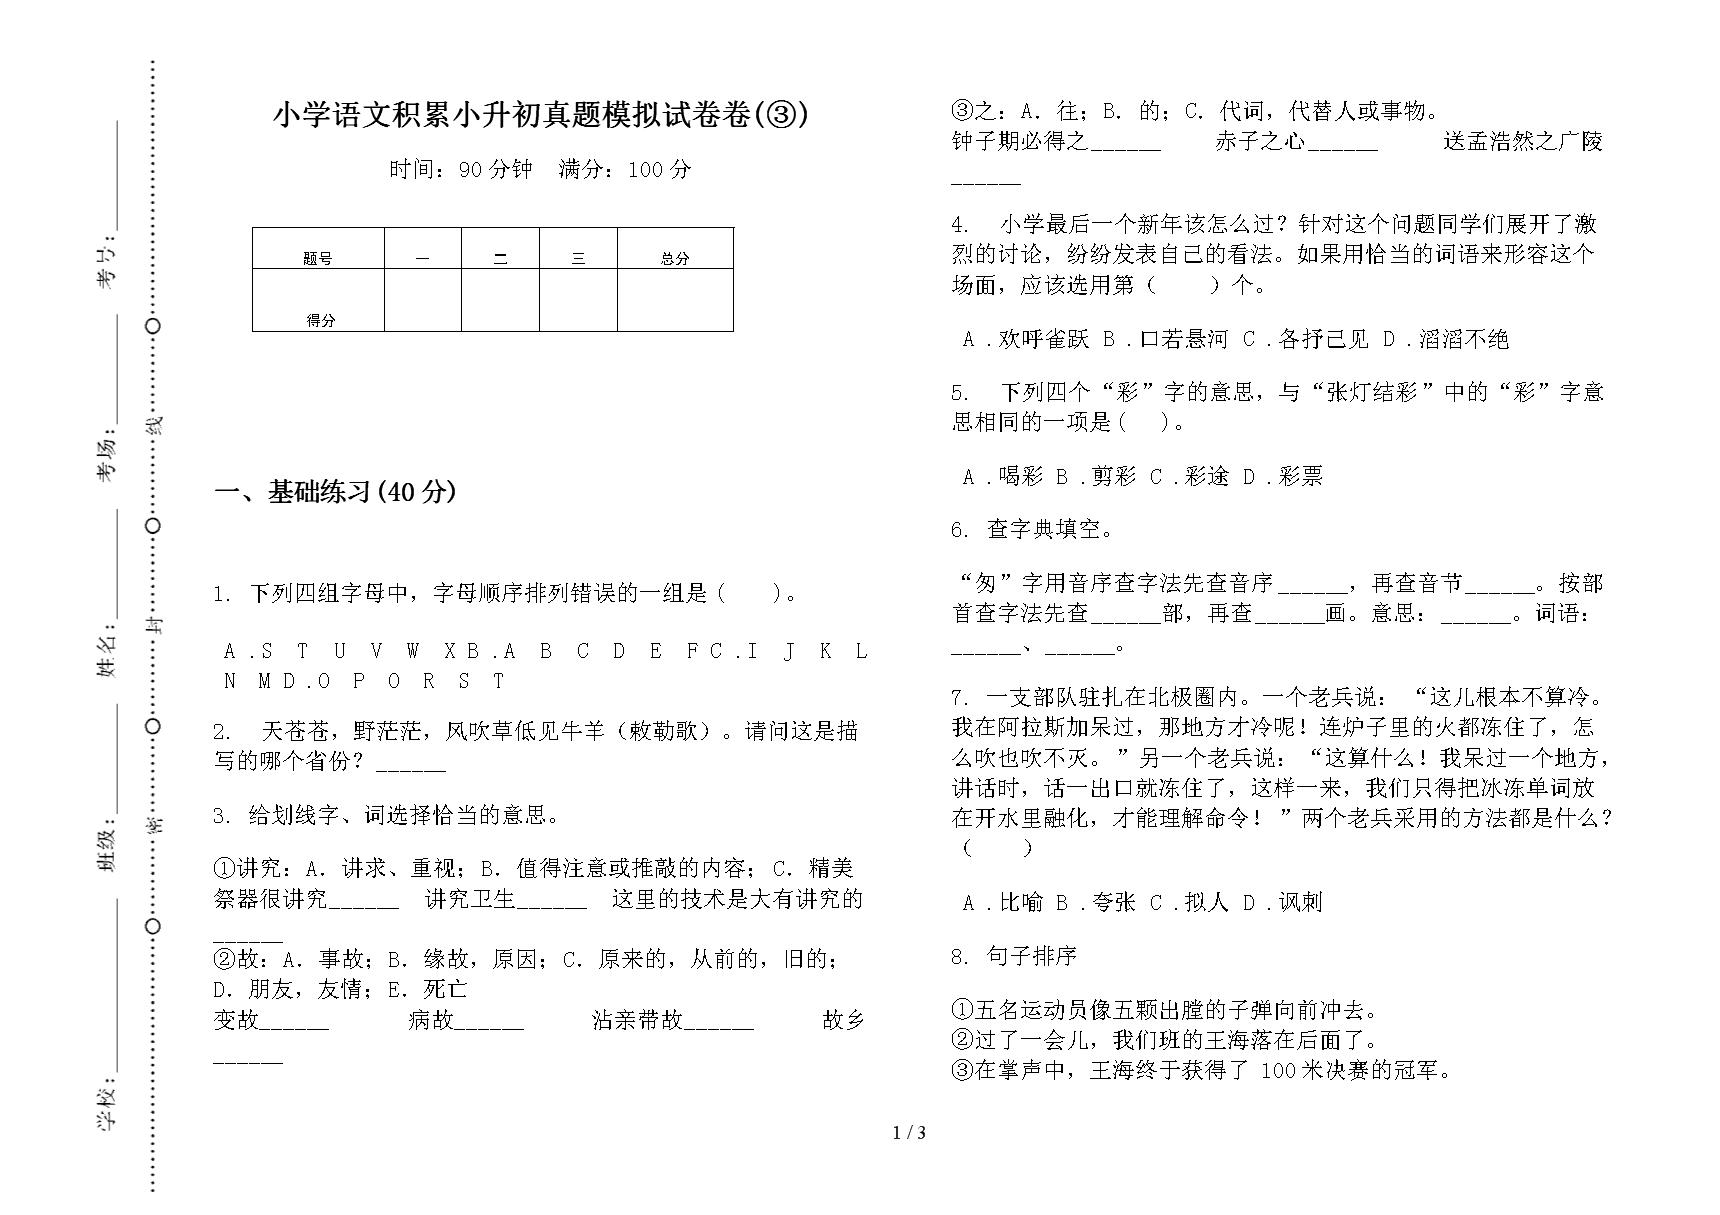 小学语文积累小升初真题模拟试卷卷(③).docx